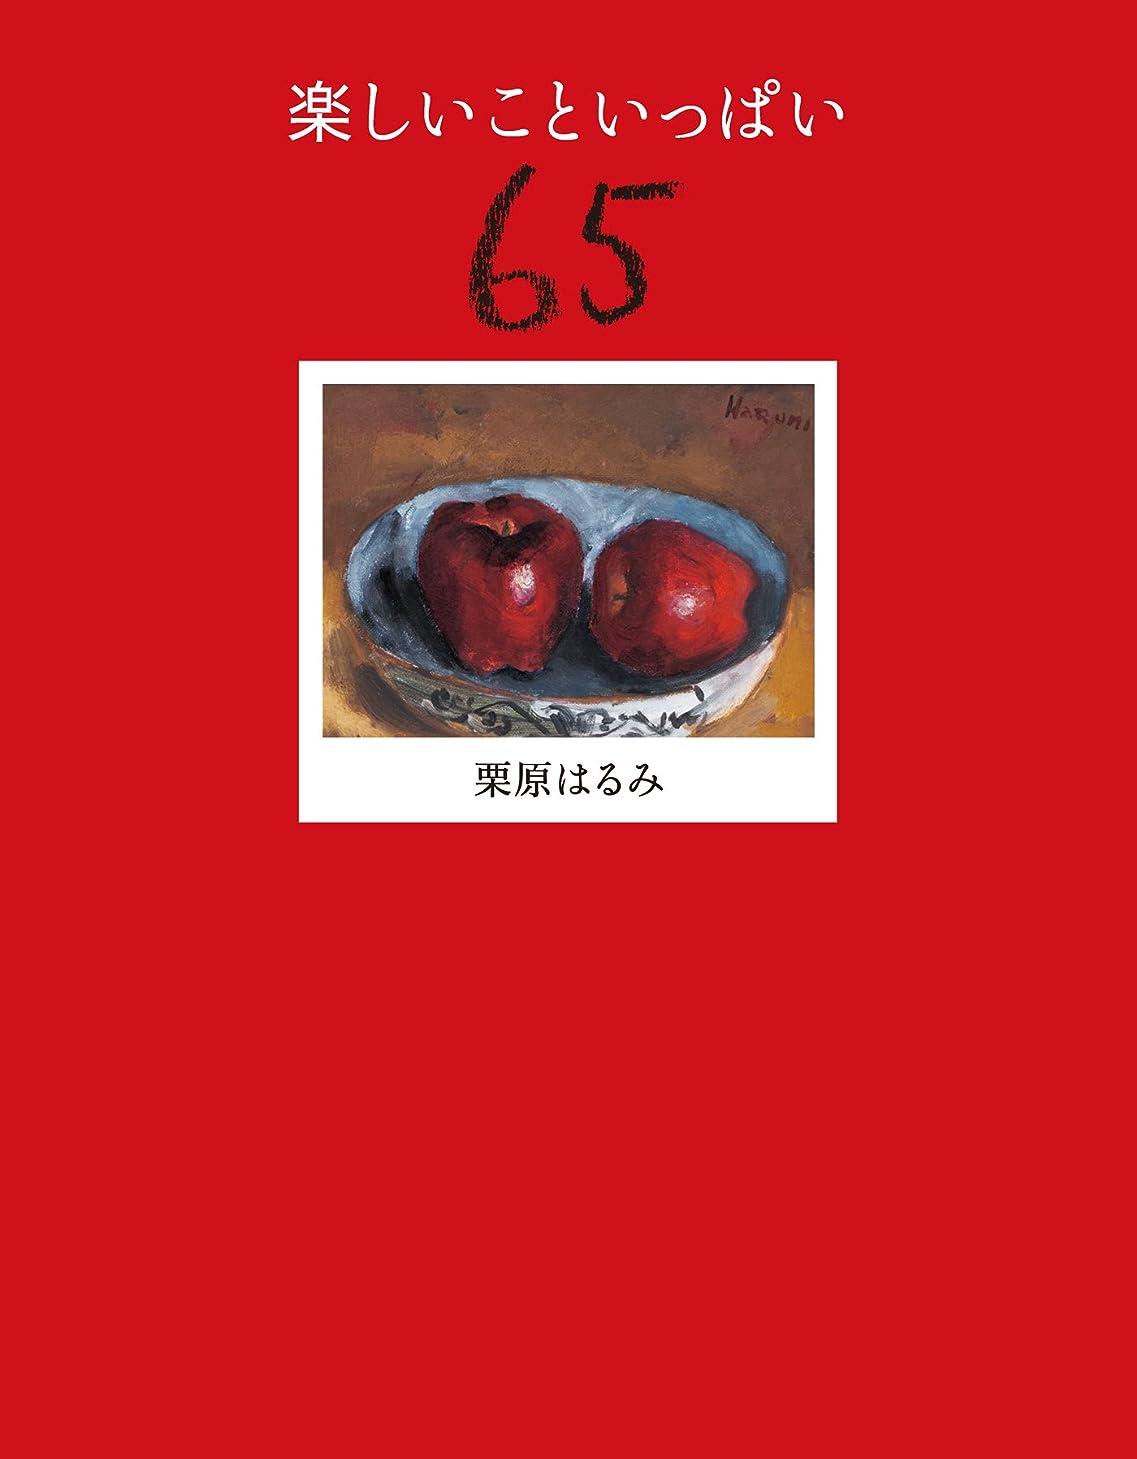 先のことを考えるブート確立楽しいこといっぱい65 (扶桑社BOOKS)